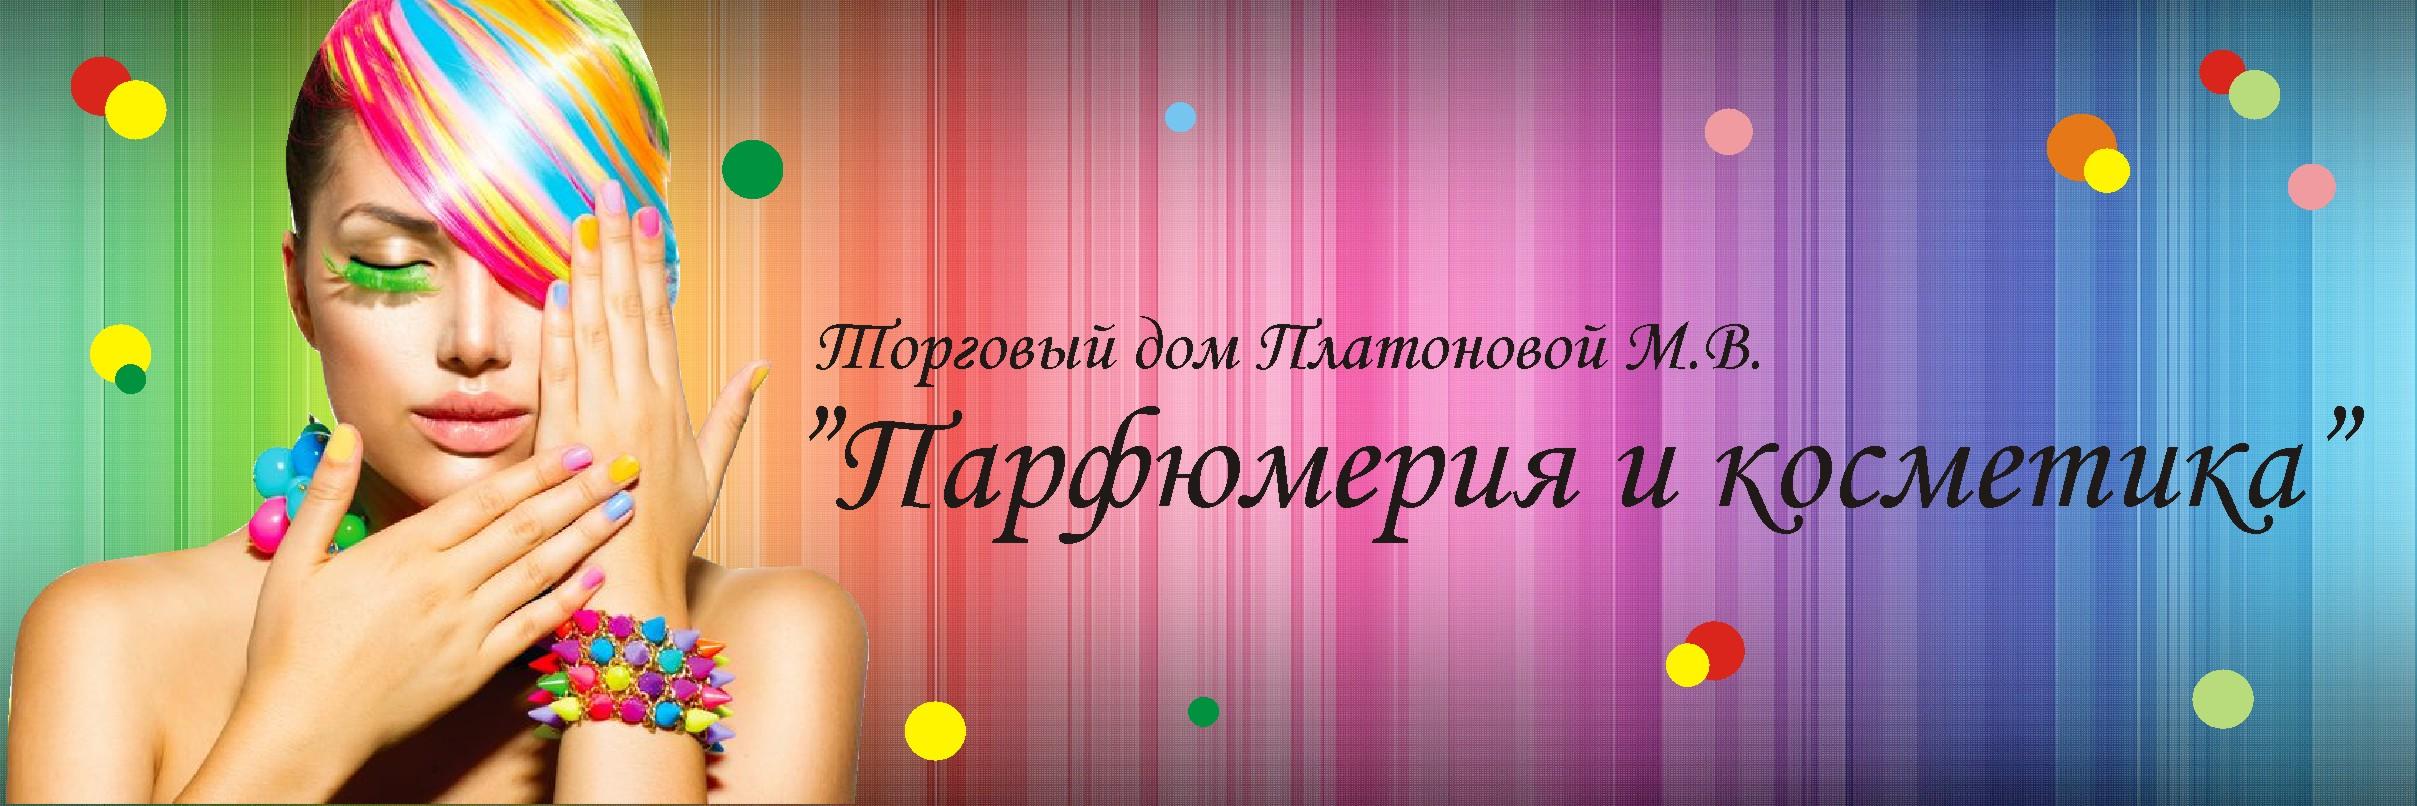 Косметика22.рф